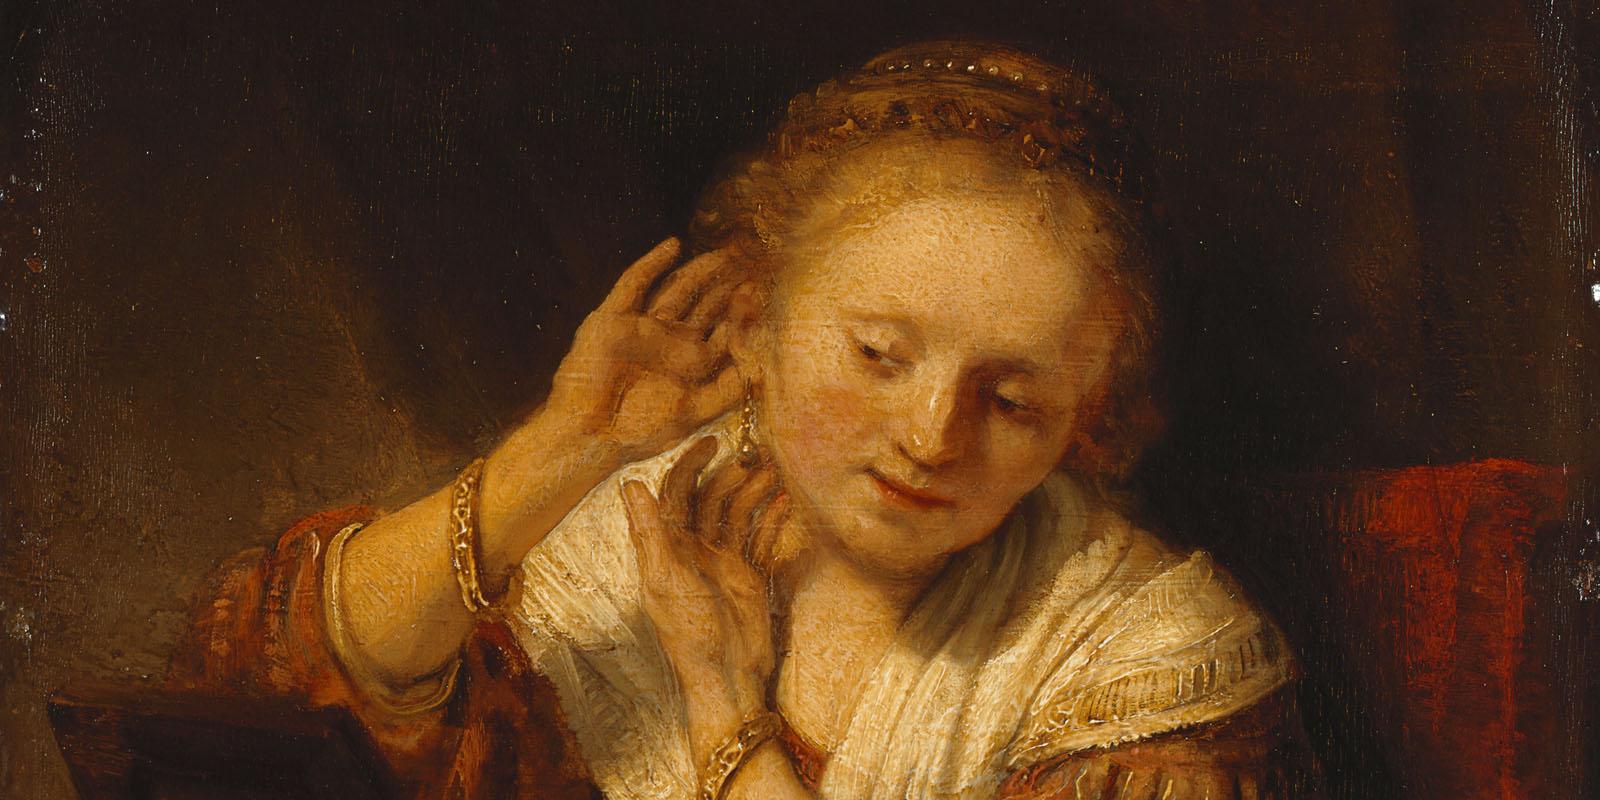 Rembrandt-Jonge-vrouw-met-oorbellen-1656-State-Hermitage-Museum-St-Petersburg